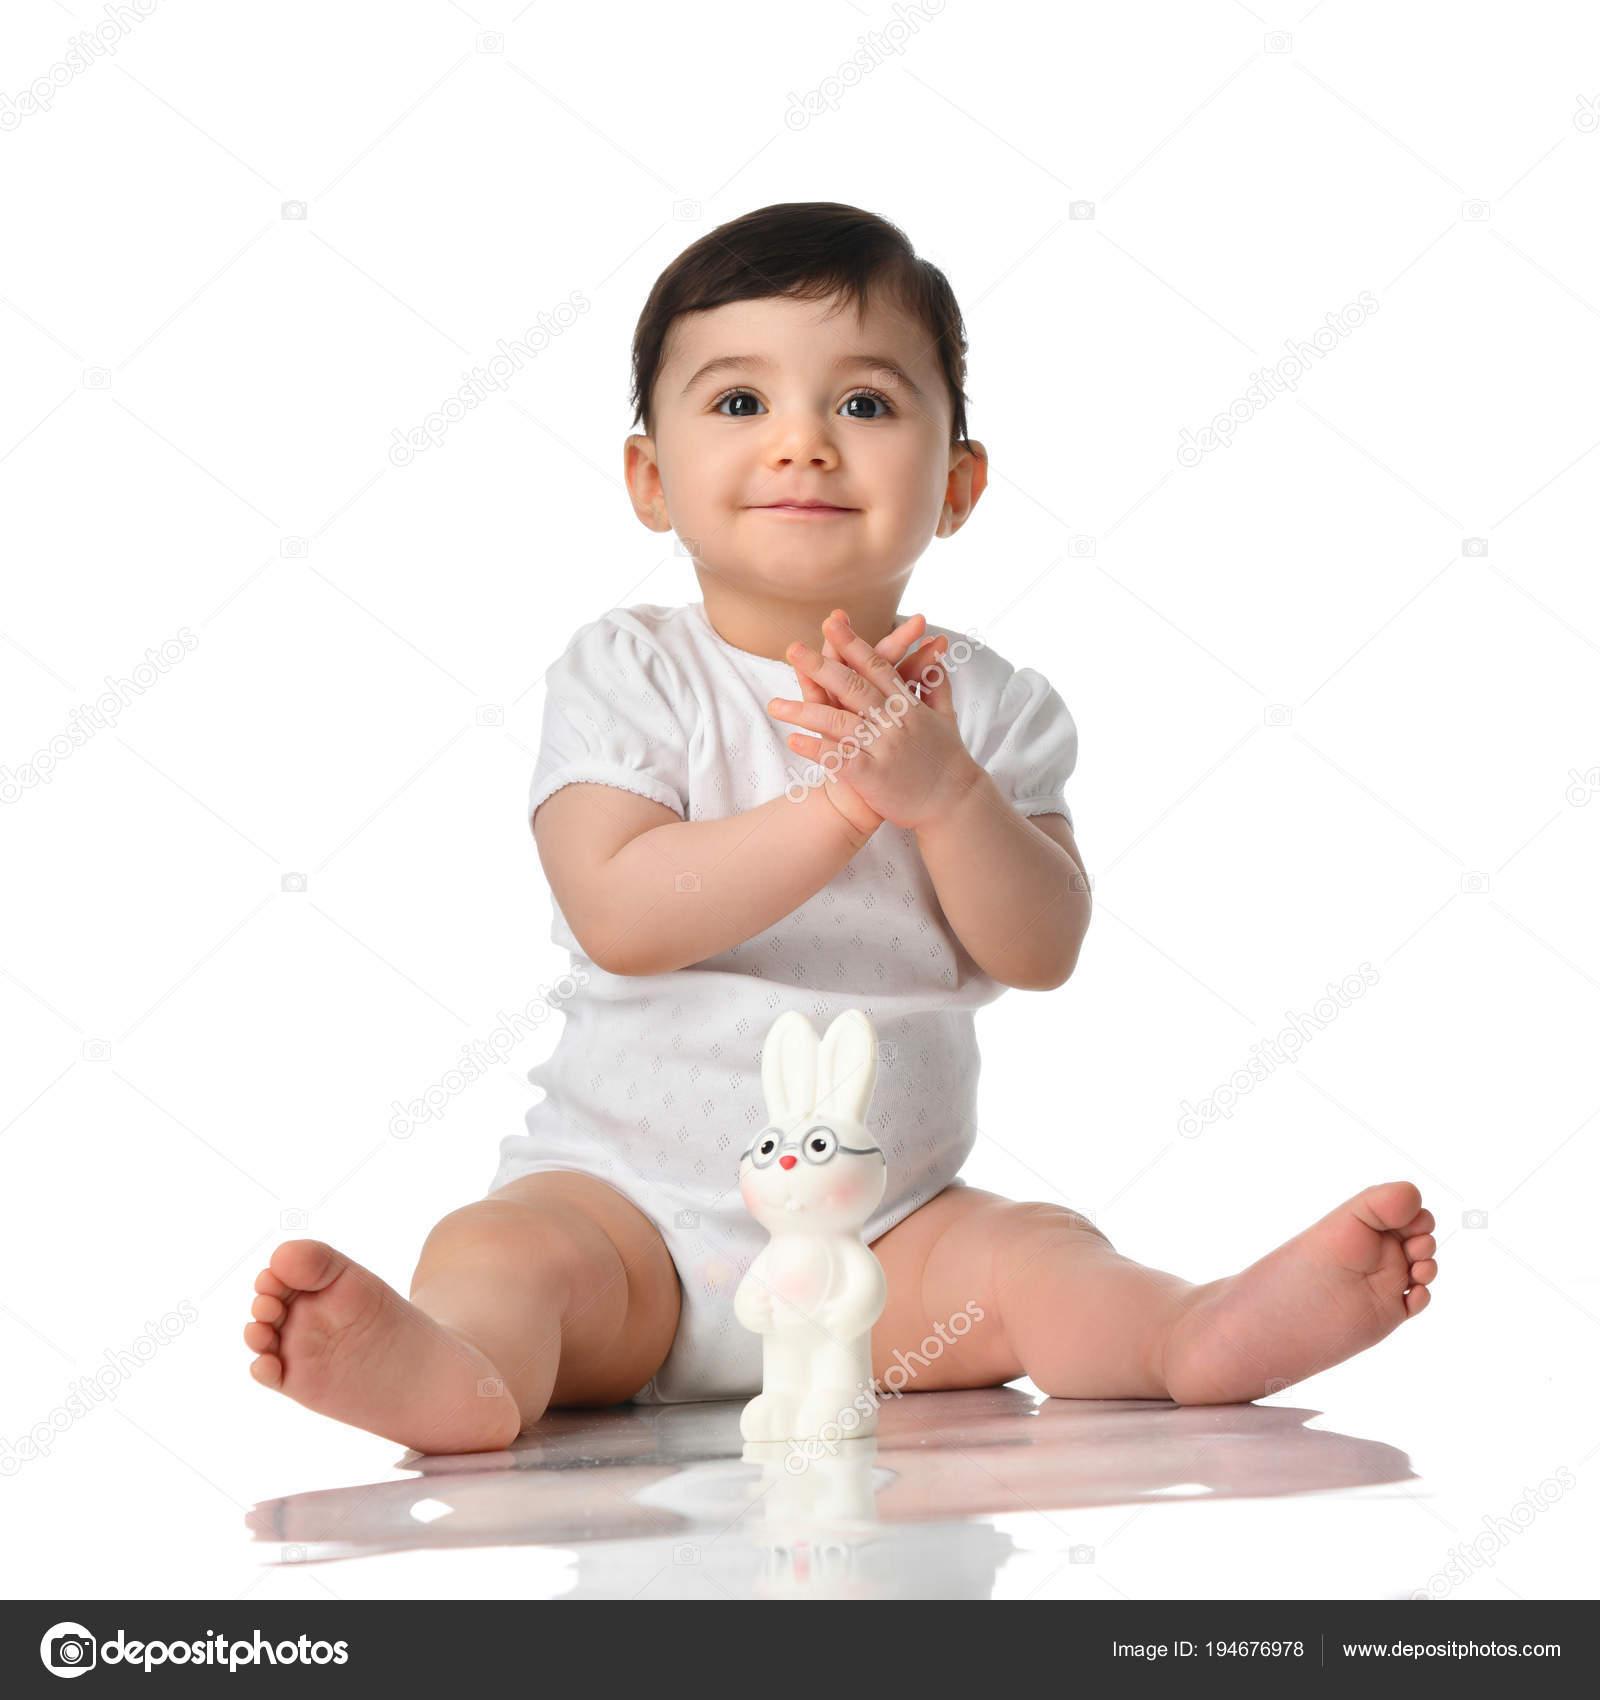 Infantil Camisa 9 Niña Bebé Sentado Meses En Pequeño Niño 6vIYybgf7